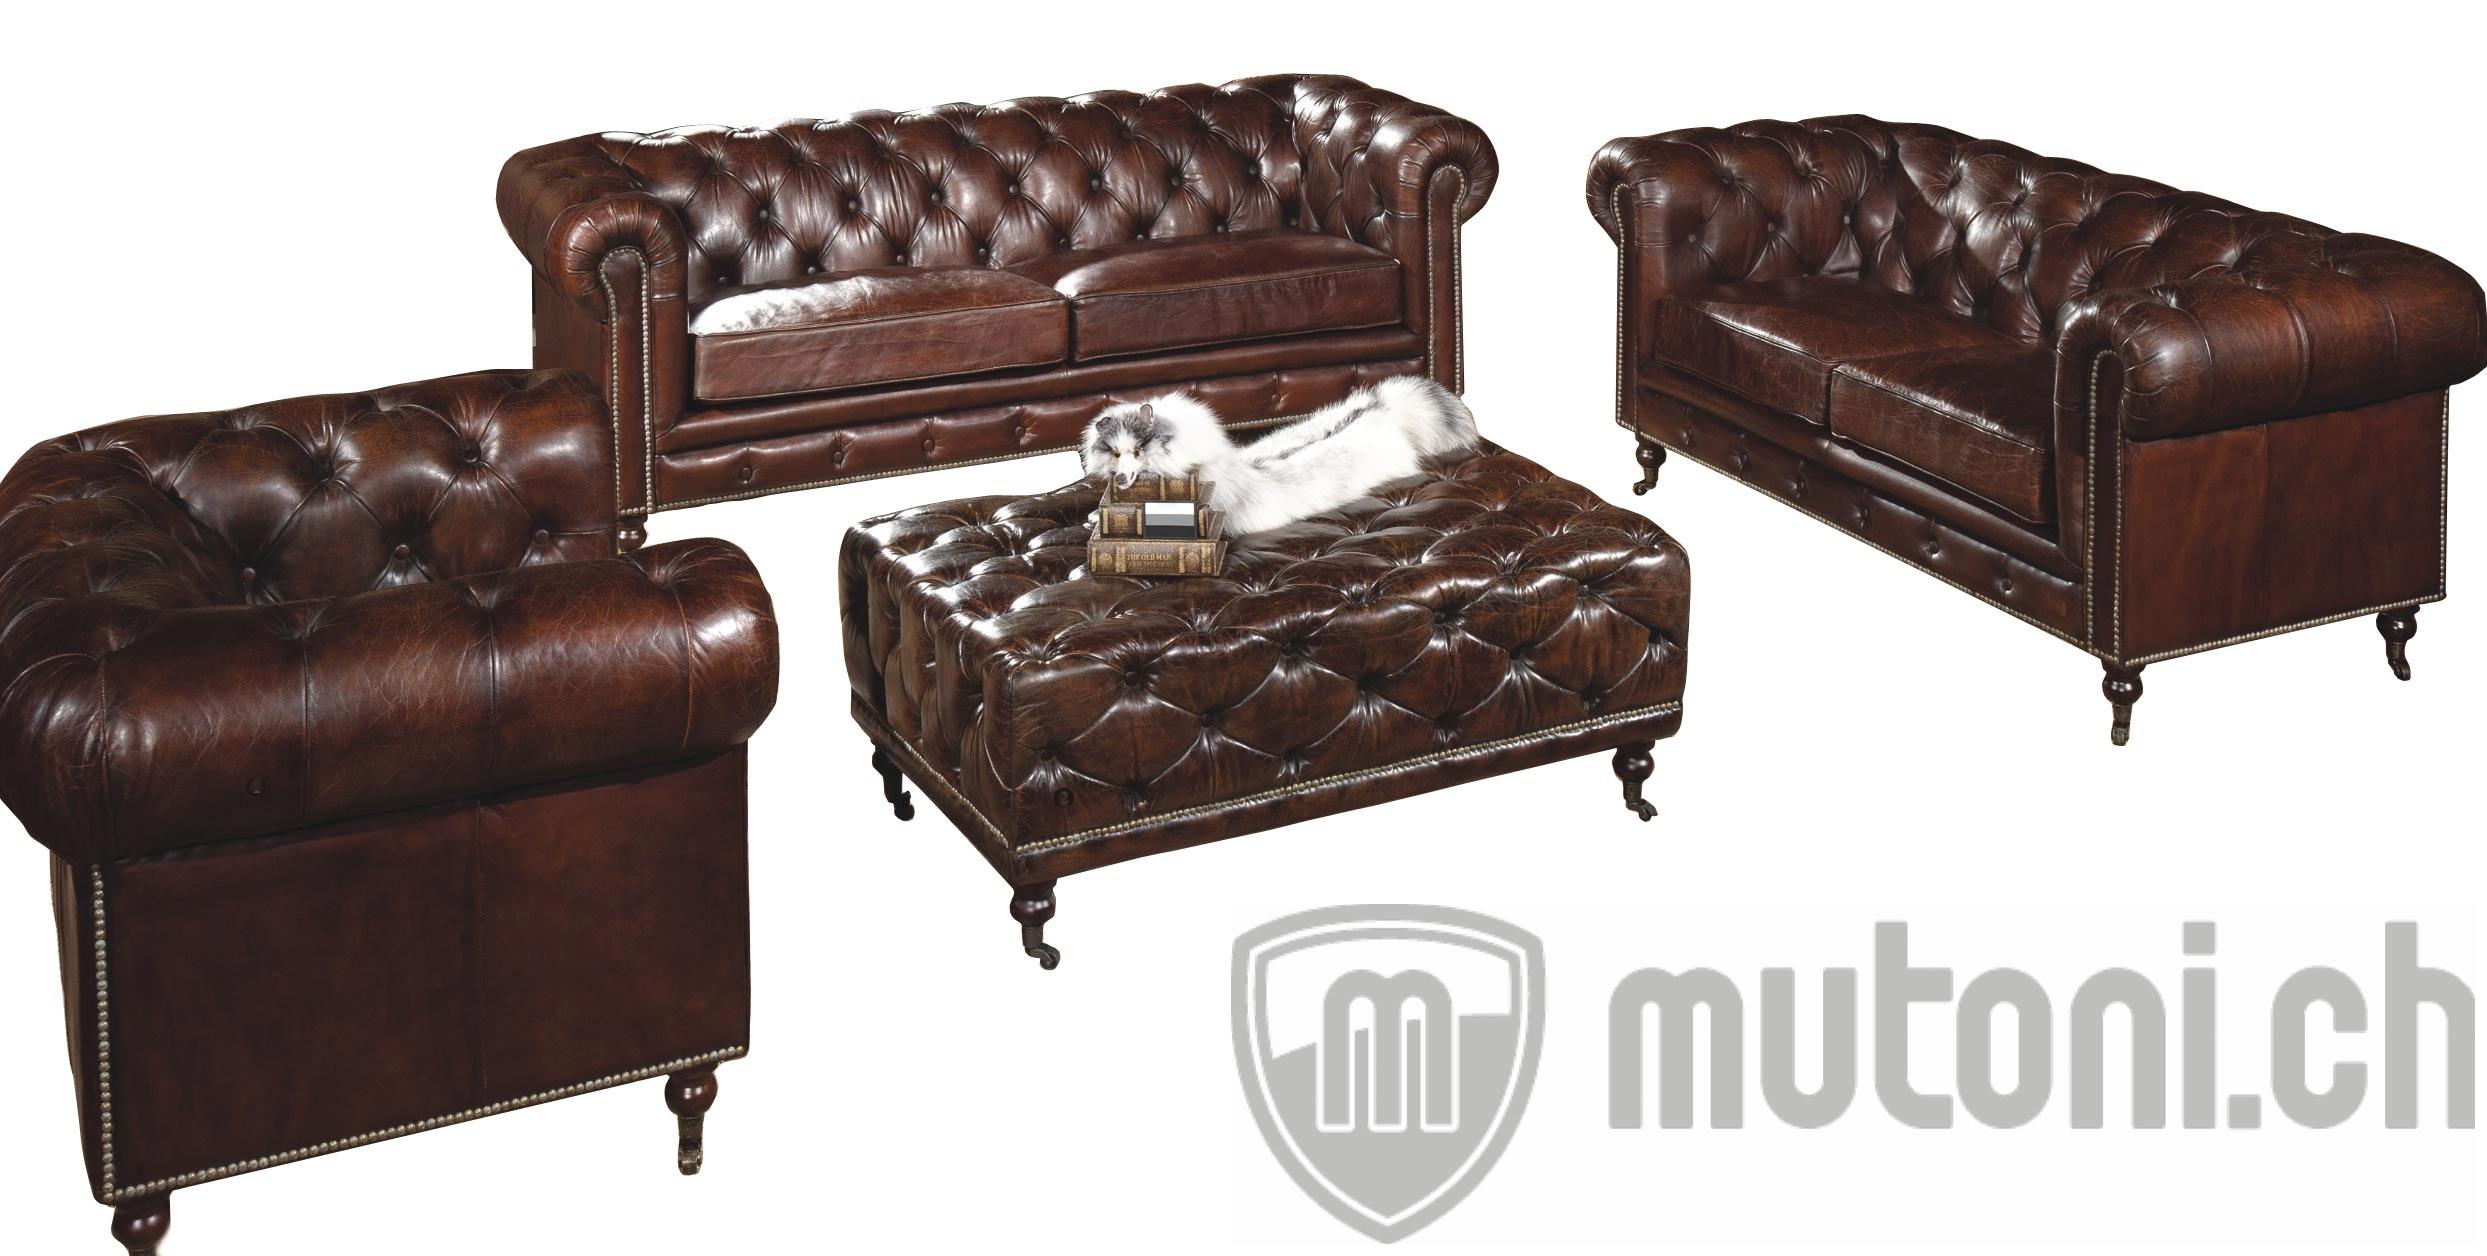 ensemble salon vintage chester lycius 3 pi ces canap s modulables canap s sofas salon. Black Bedroom Furniture Sets. Home Design Ideas